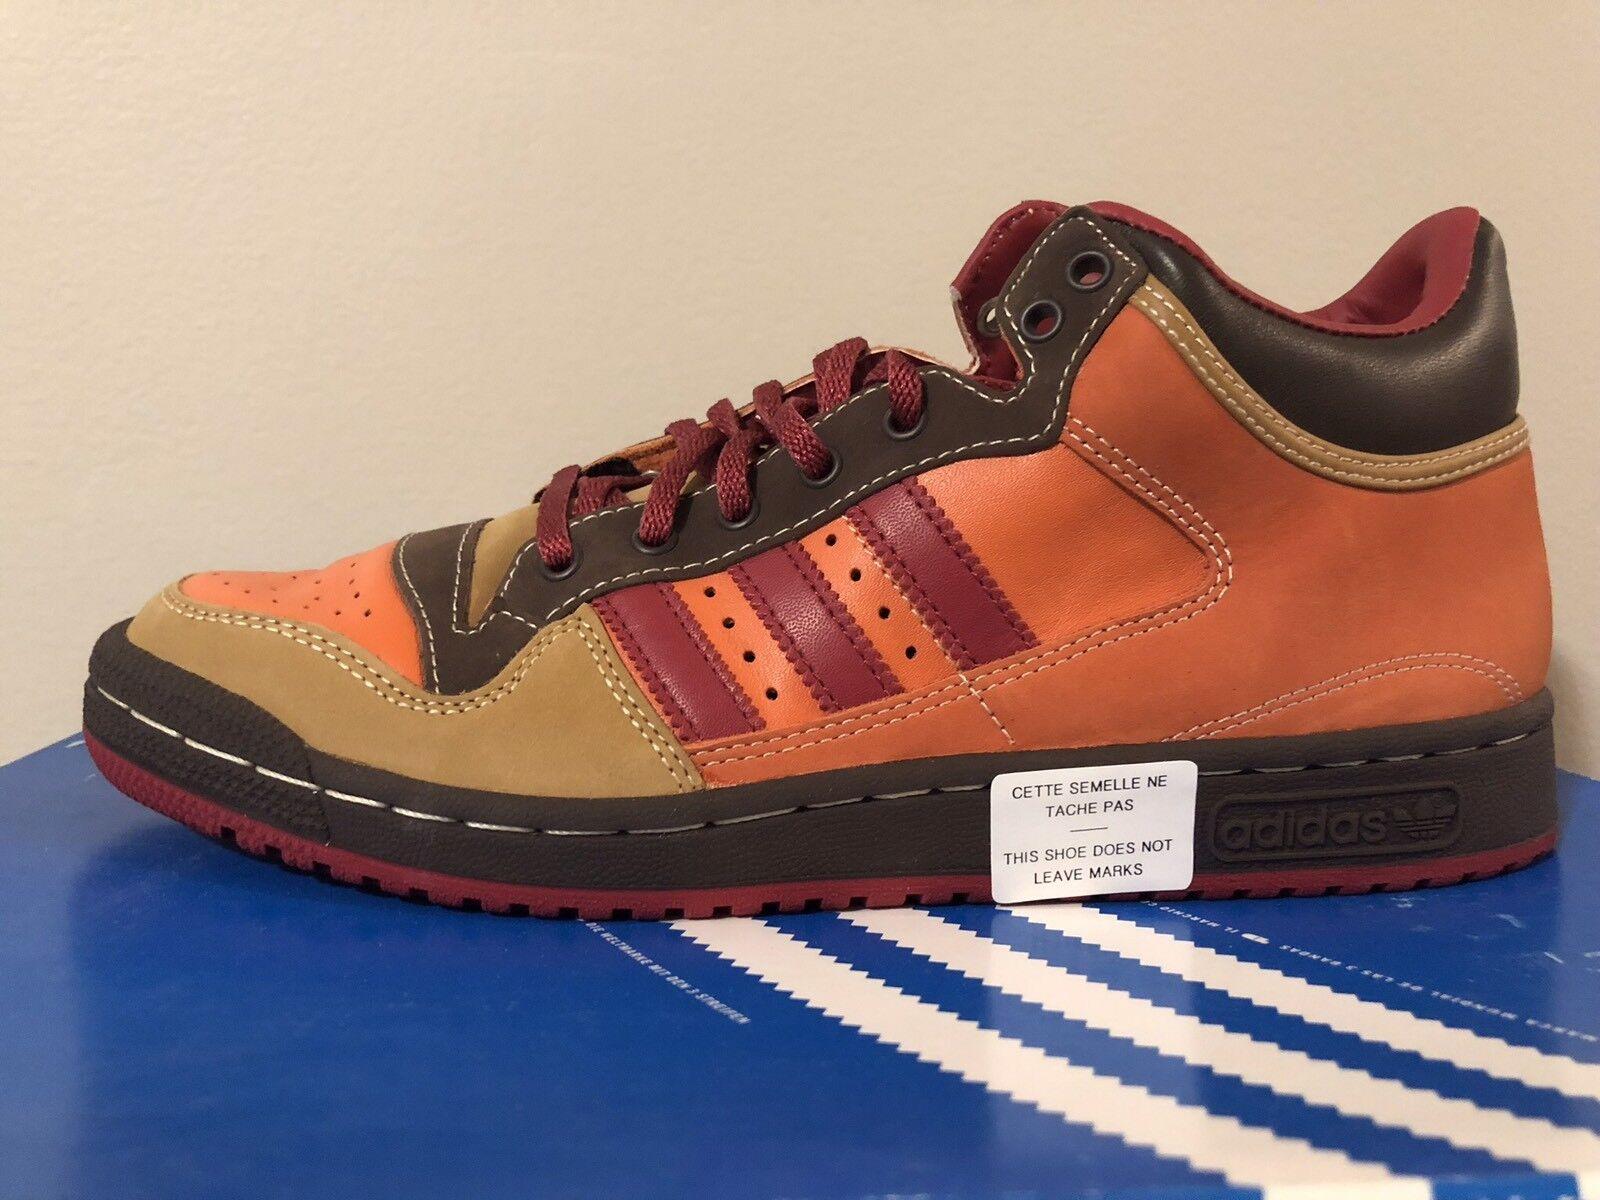 New ADIDAS Originals Strider shoes Red Amber orange Size Men's 8